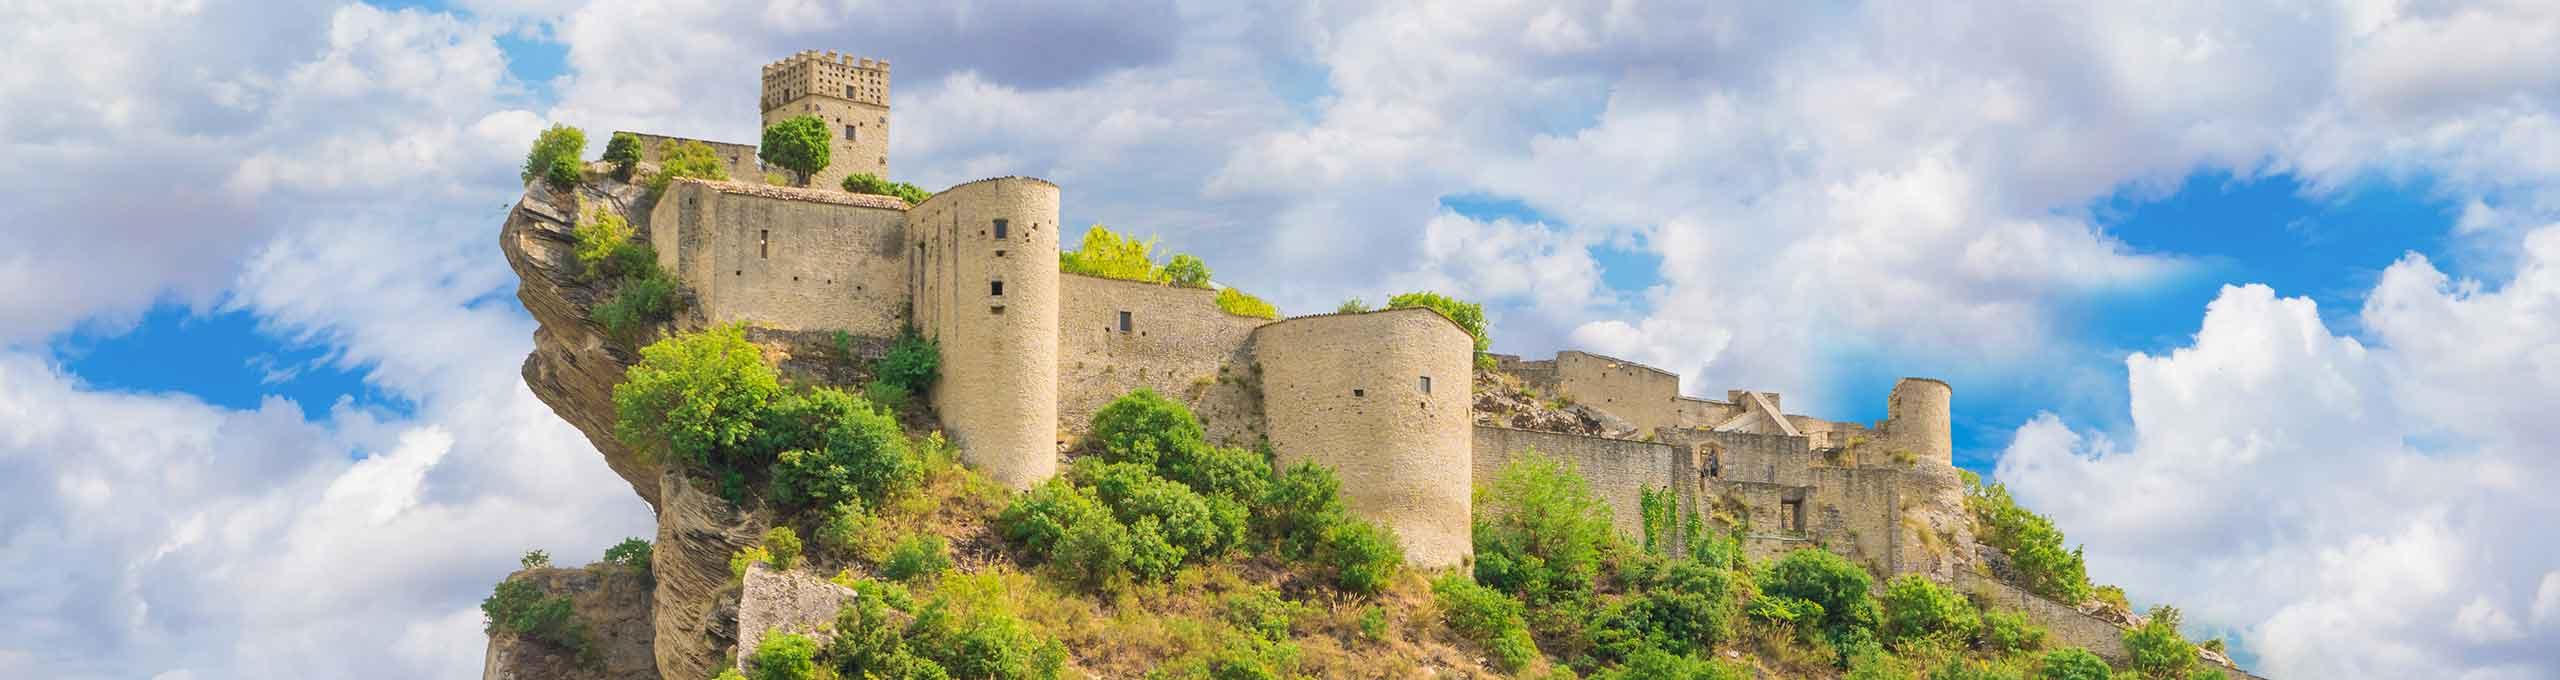 Roccascalegna, Parco Nazionale della Majella, castello sulla rocca